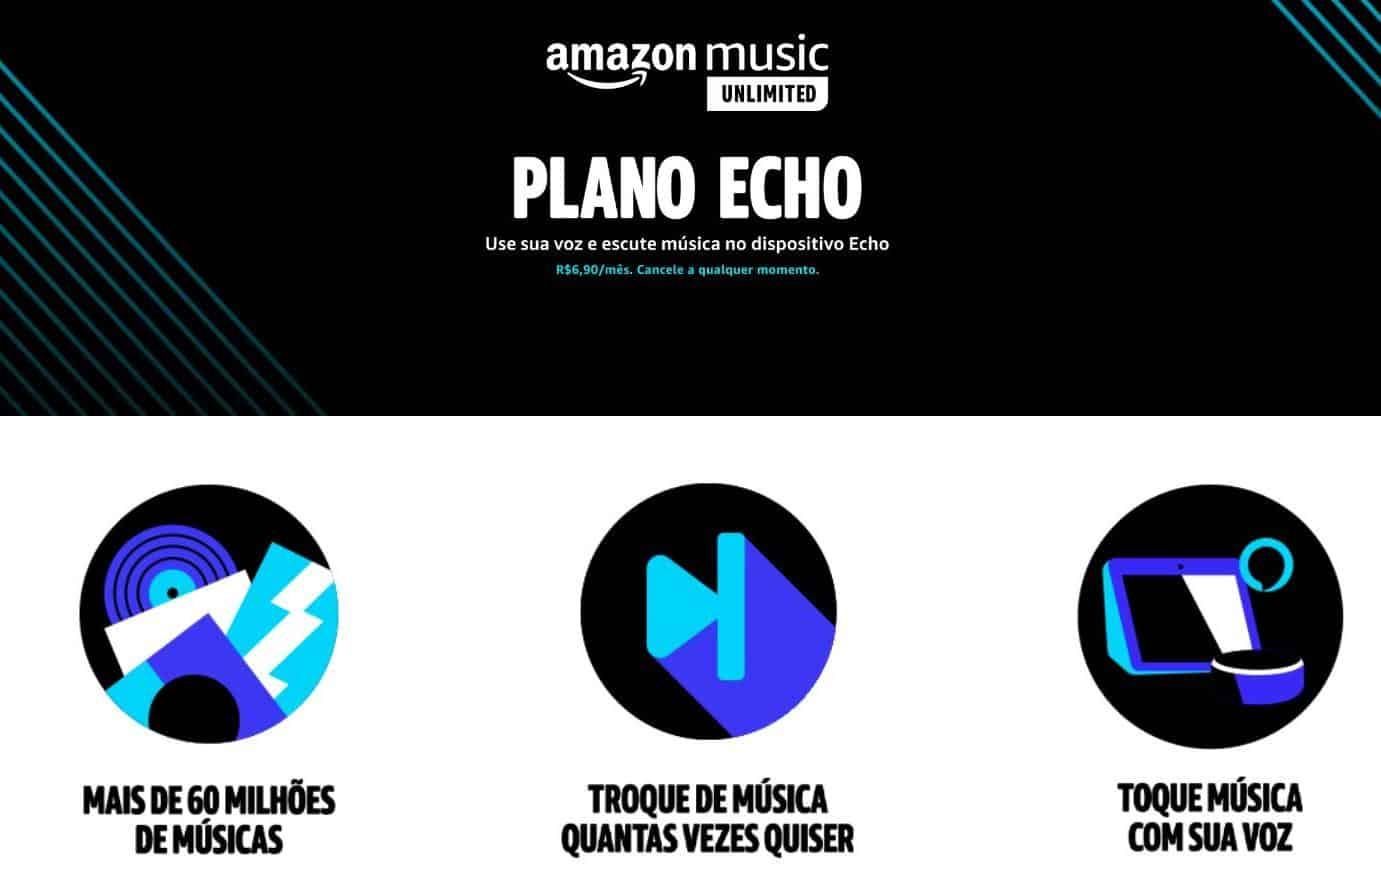 Imagem: Amazon Music/Reprodução